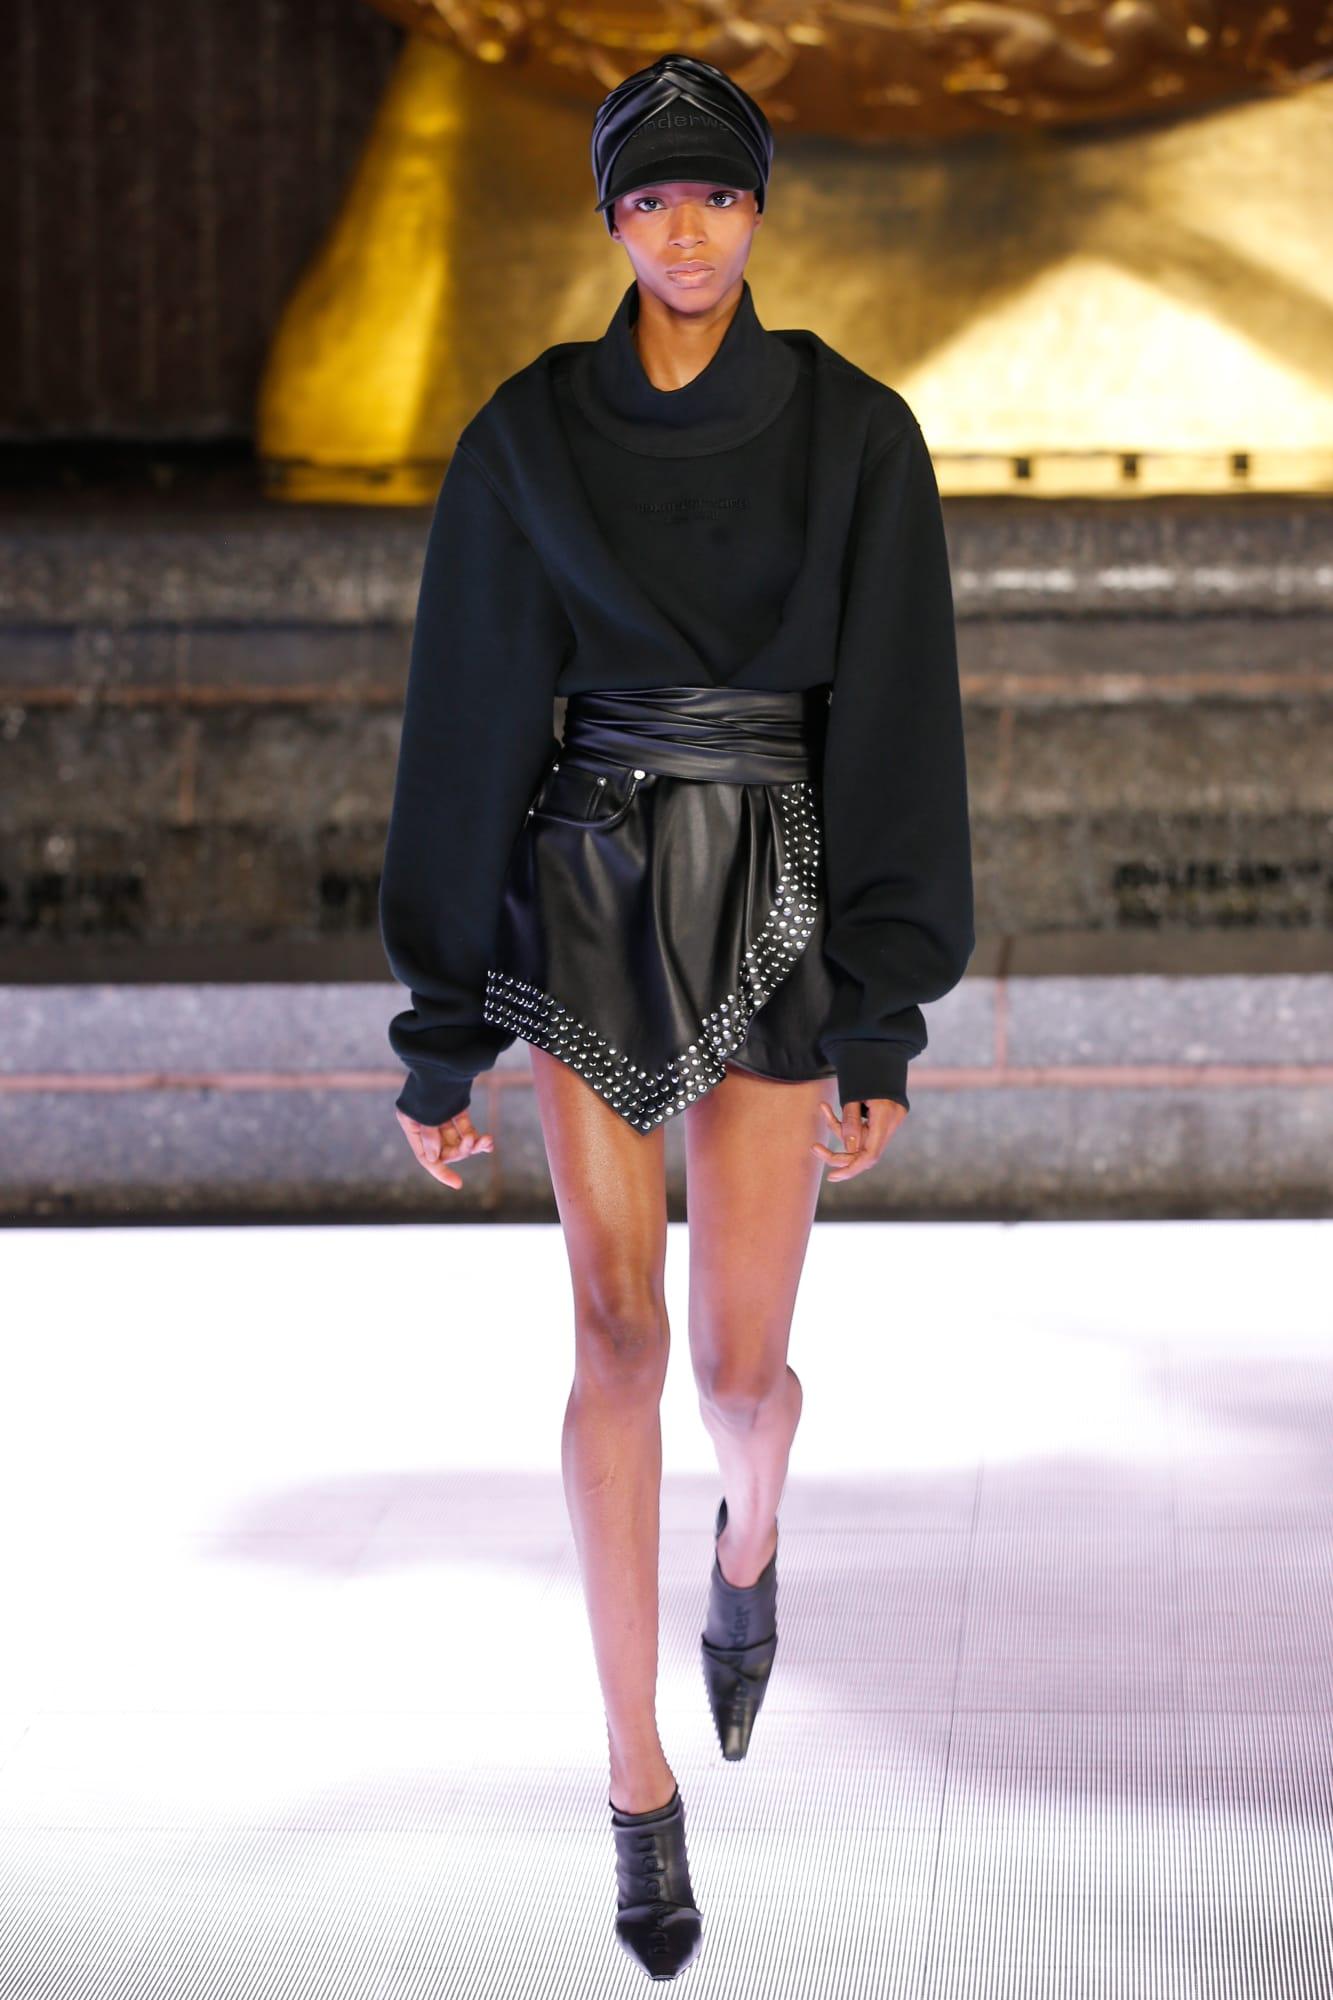 quần shorts da và áo nỉ màu đen